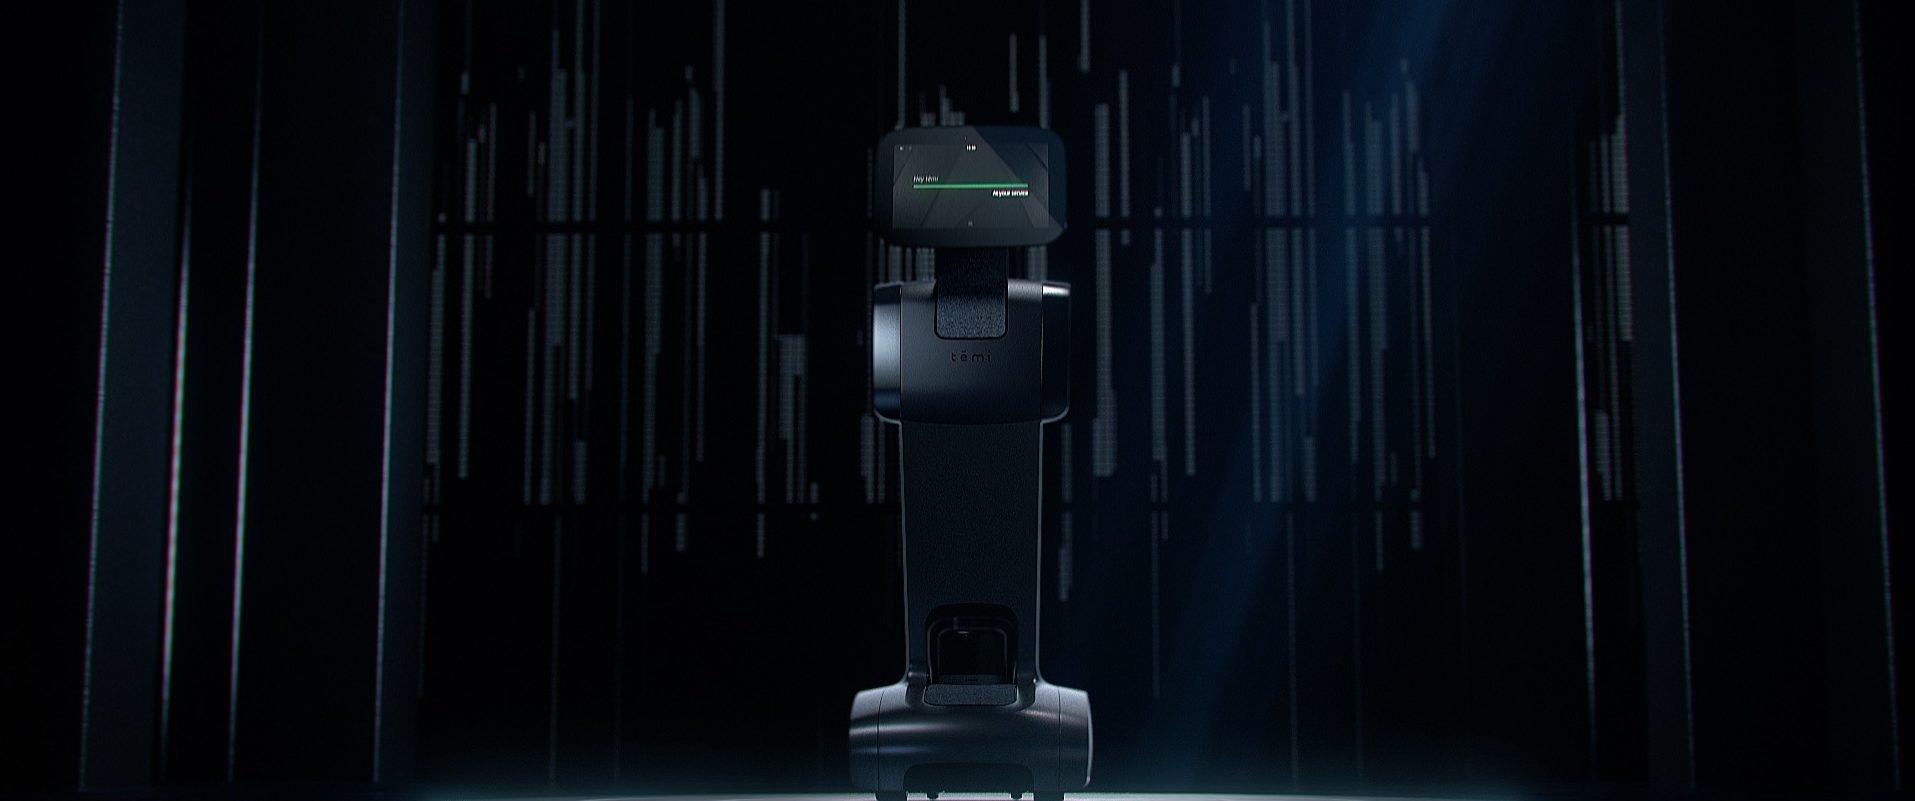 设计一个家用机器人